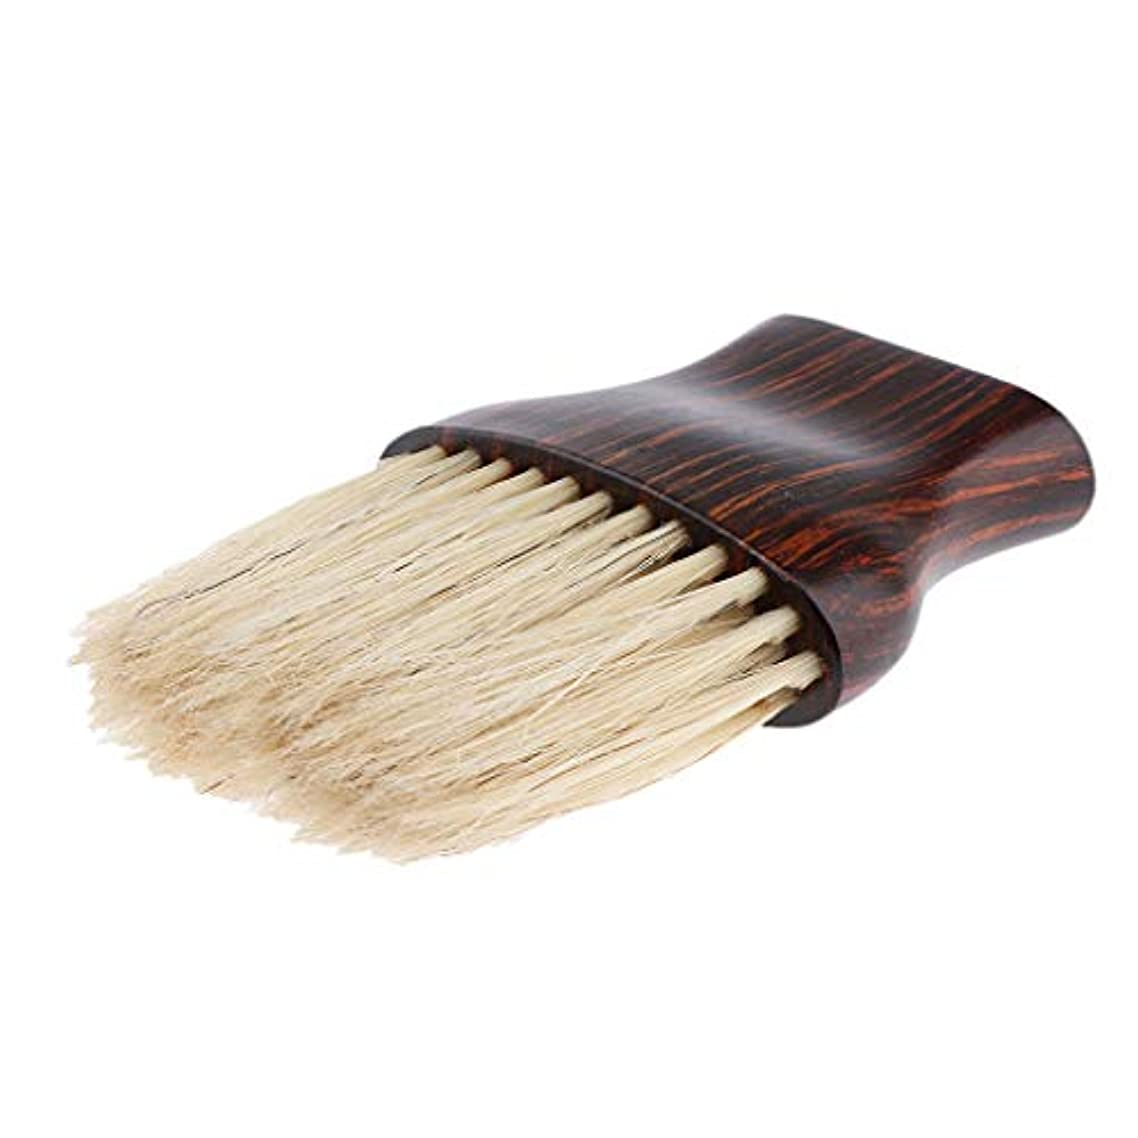 意図する反対する神聖Toygogo ネックダスターブラシ ヘアカットブラシ クリーニング ブラシ 毛払いブラシ 散髪 髪切り